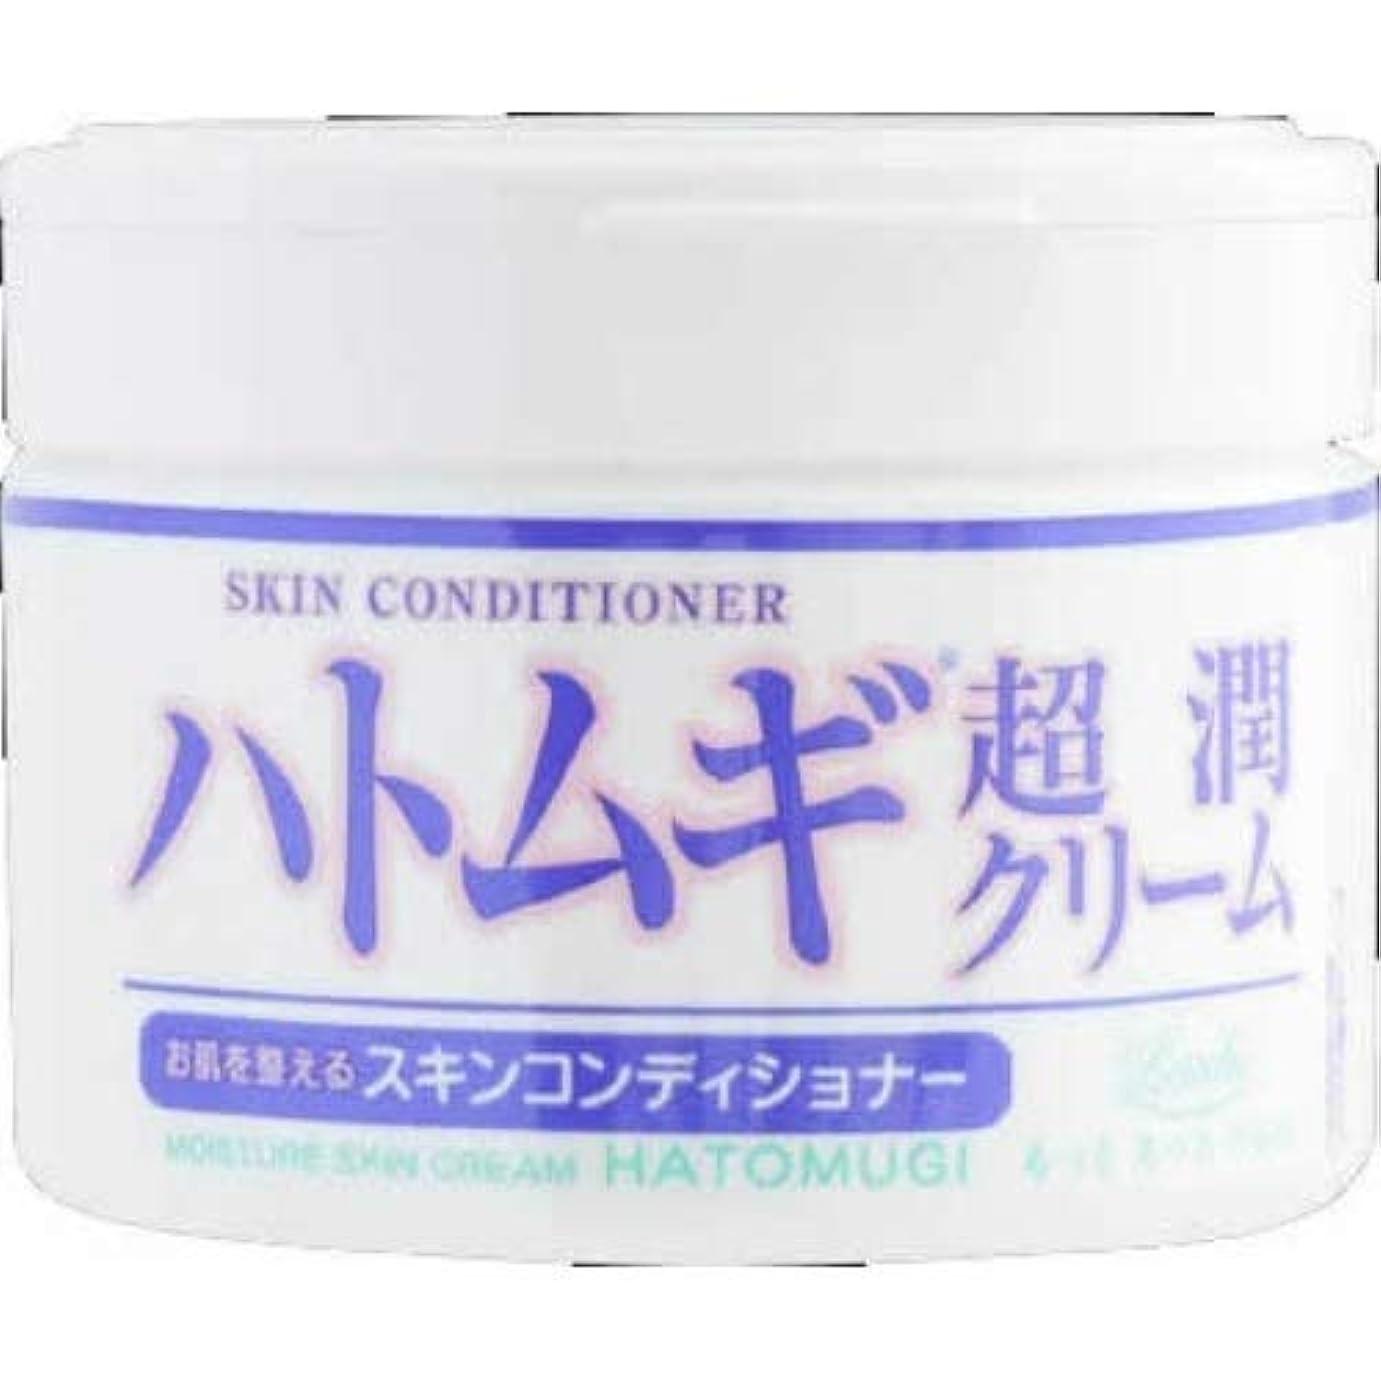 憲法胚ピジンロッシモイストエイド ハトムギ配合スキンクリーム × 8個セット